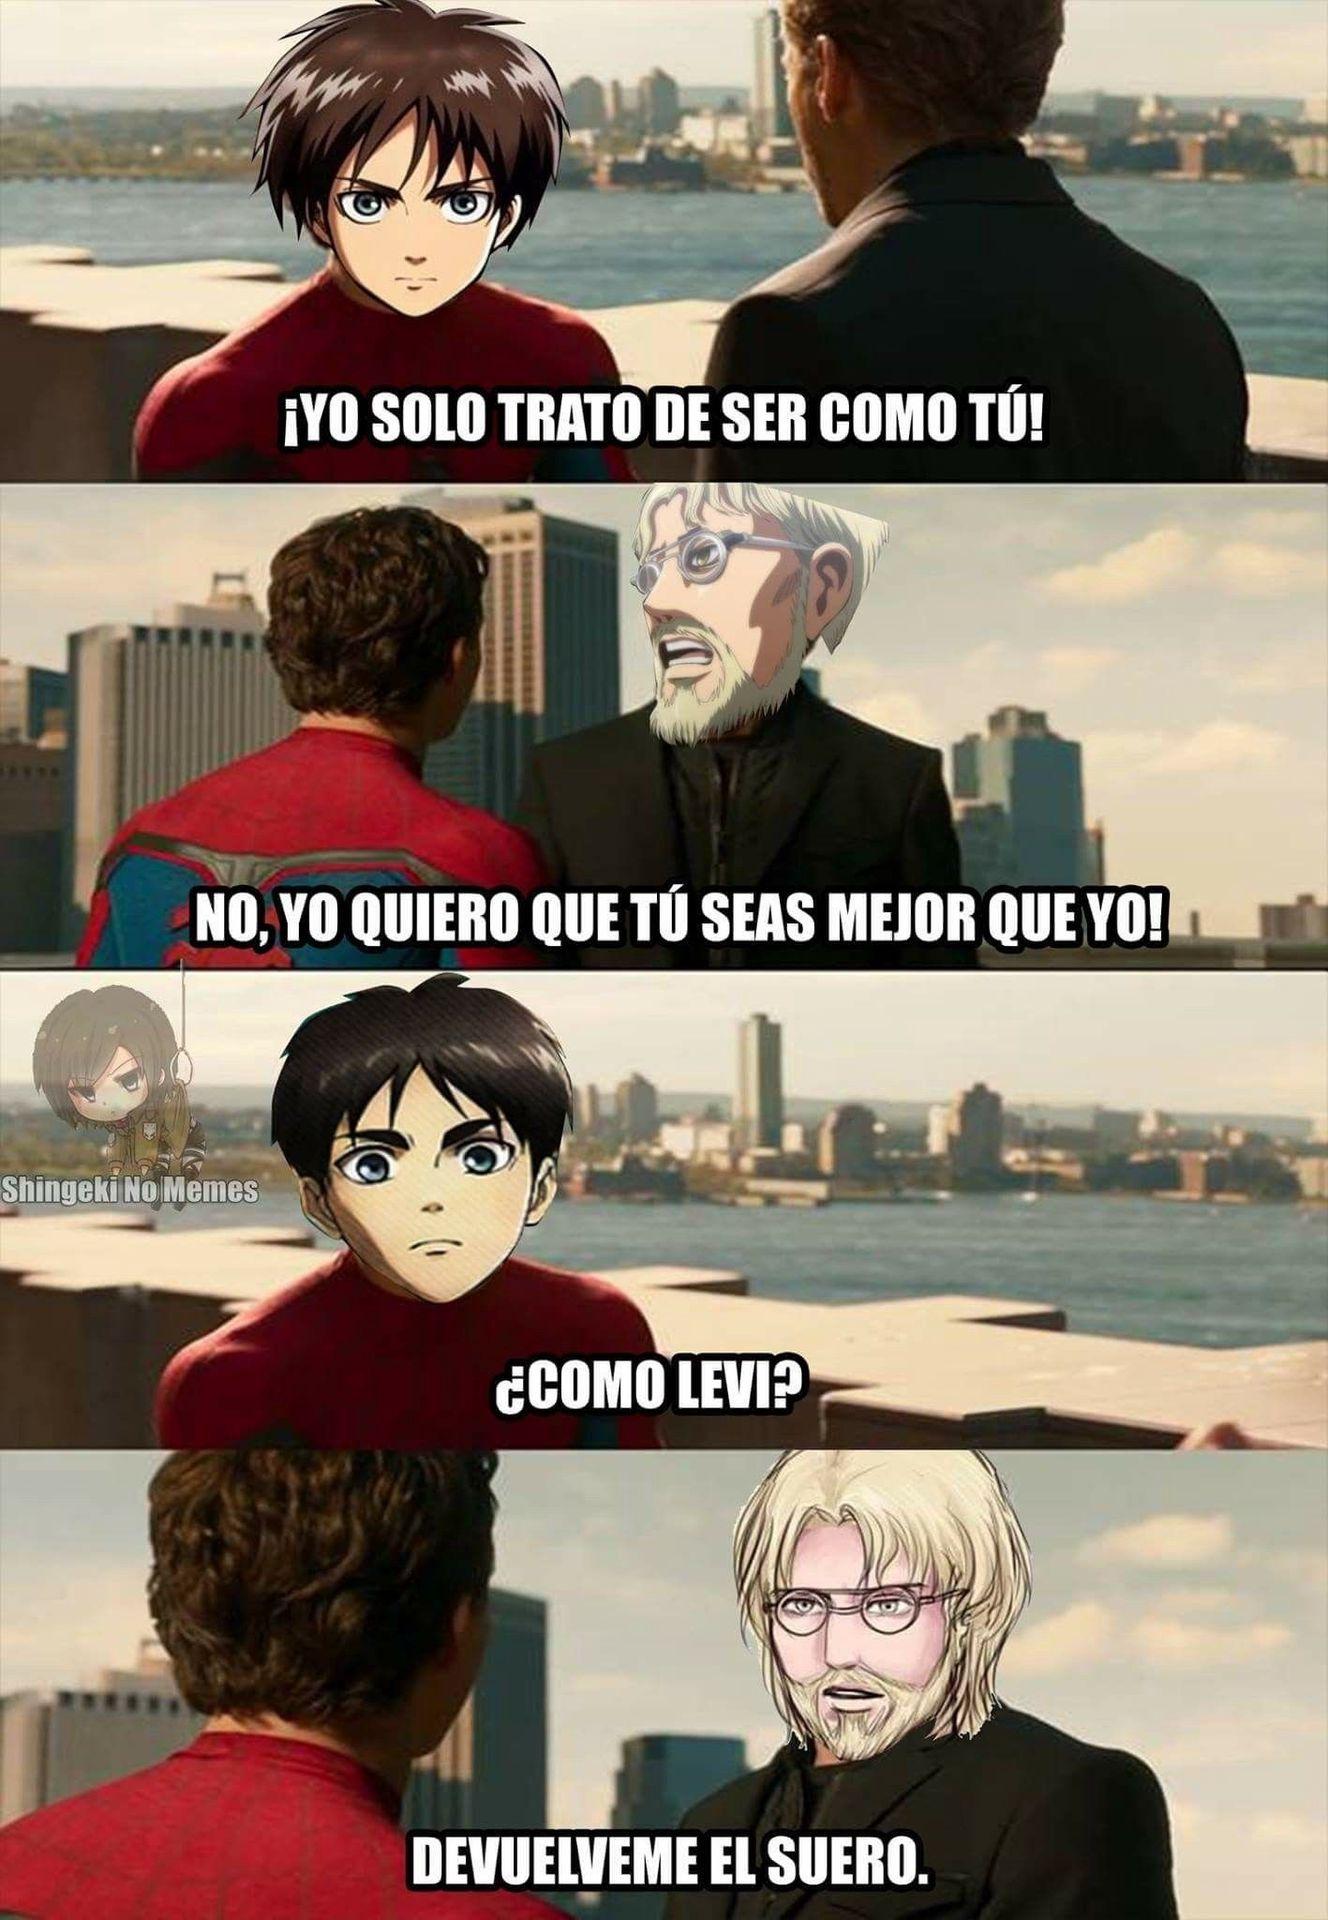 Memes Snk7w7 Shingeki No Kyojin Espanol Meme De Anime Memes Otakus